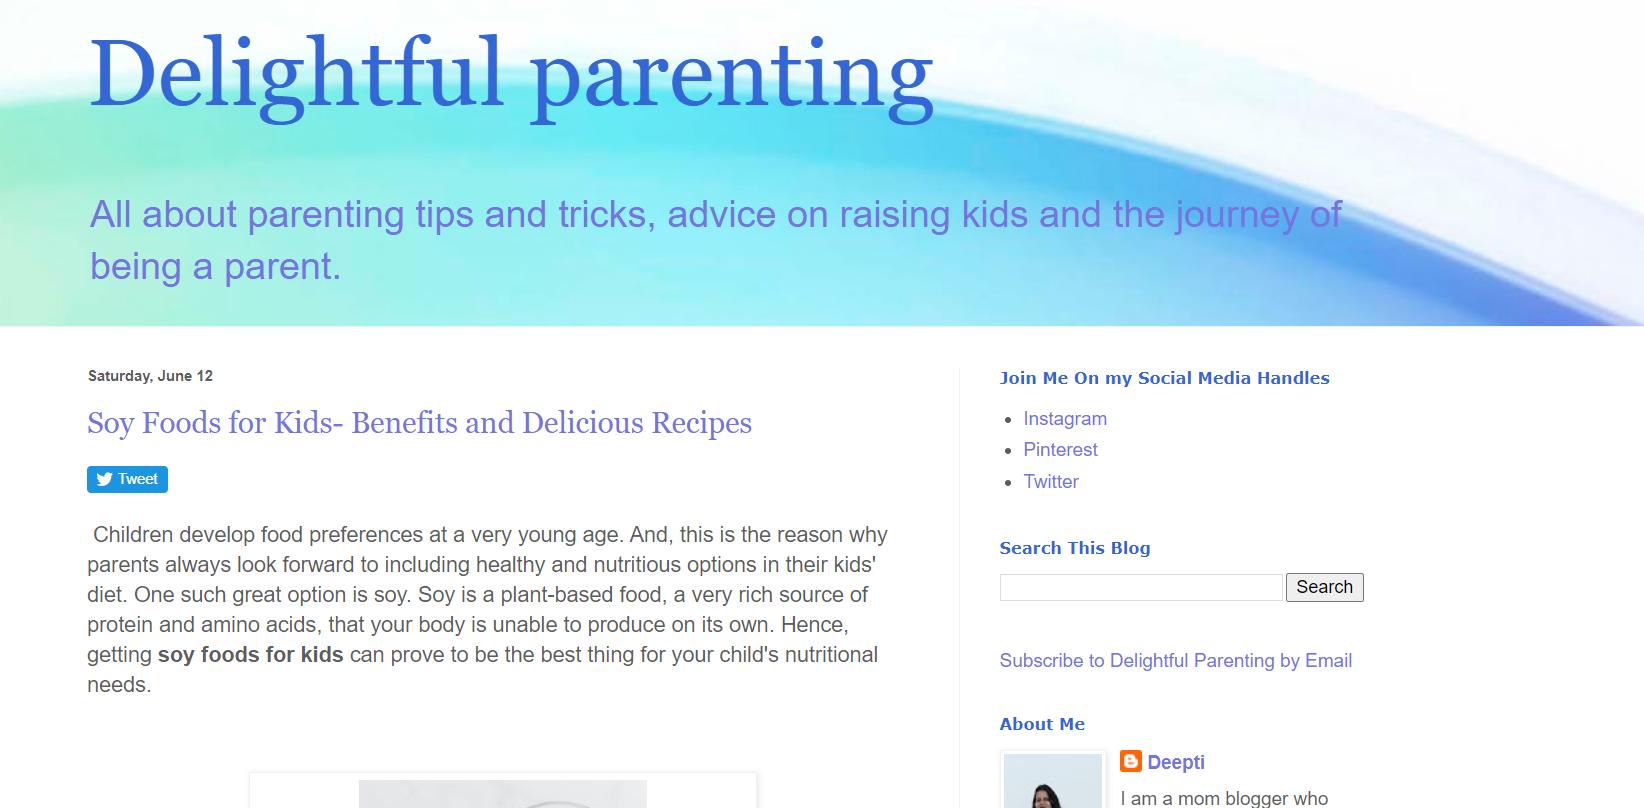 Delightful Parenting